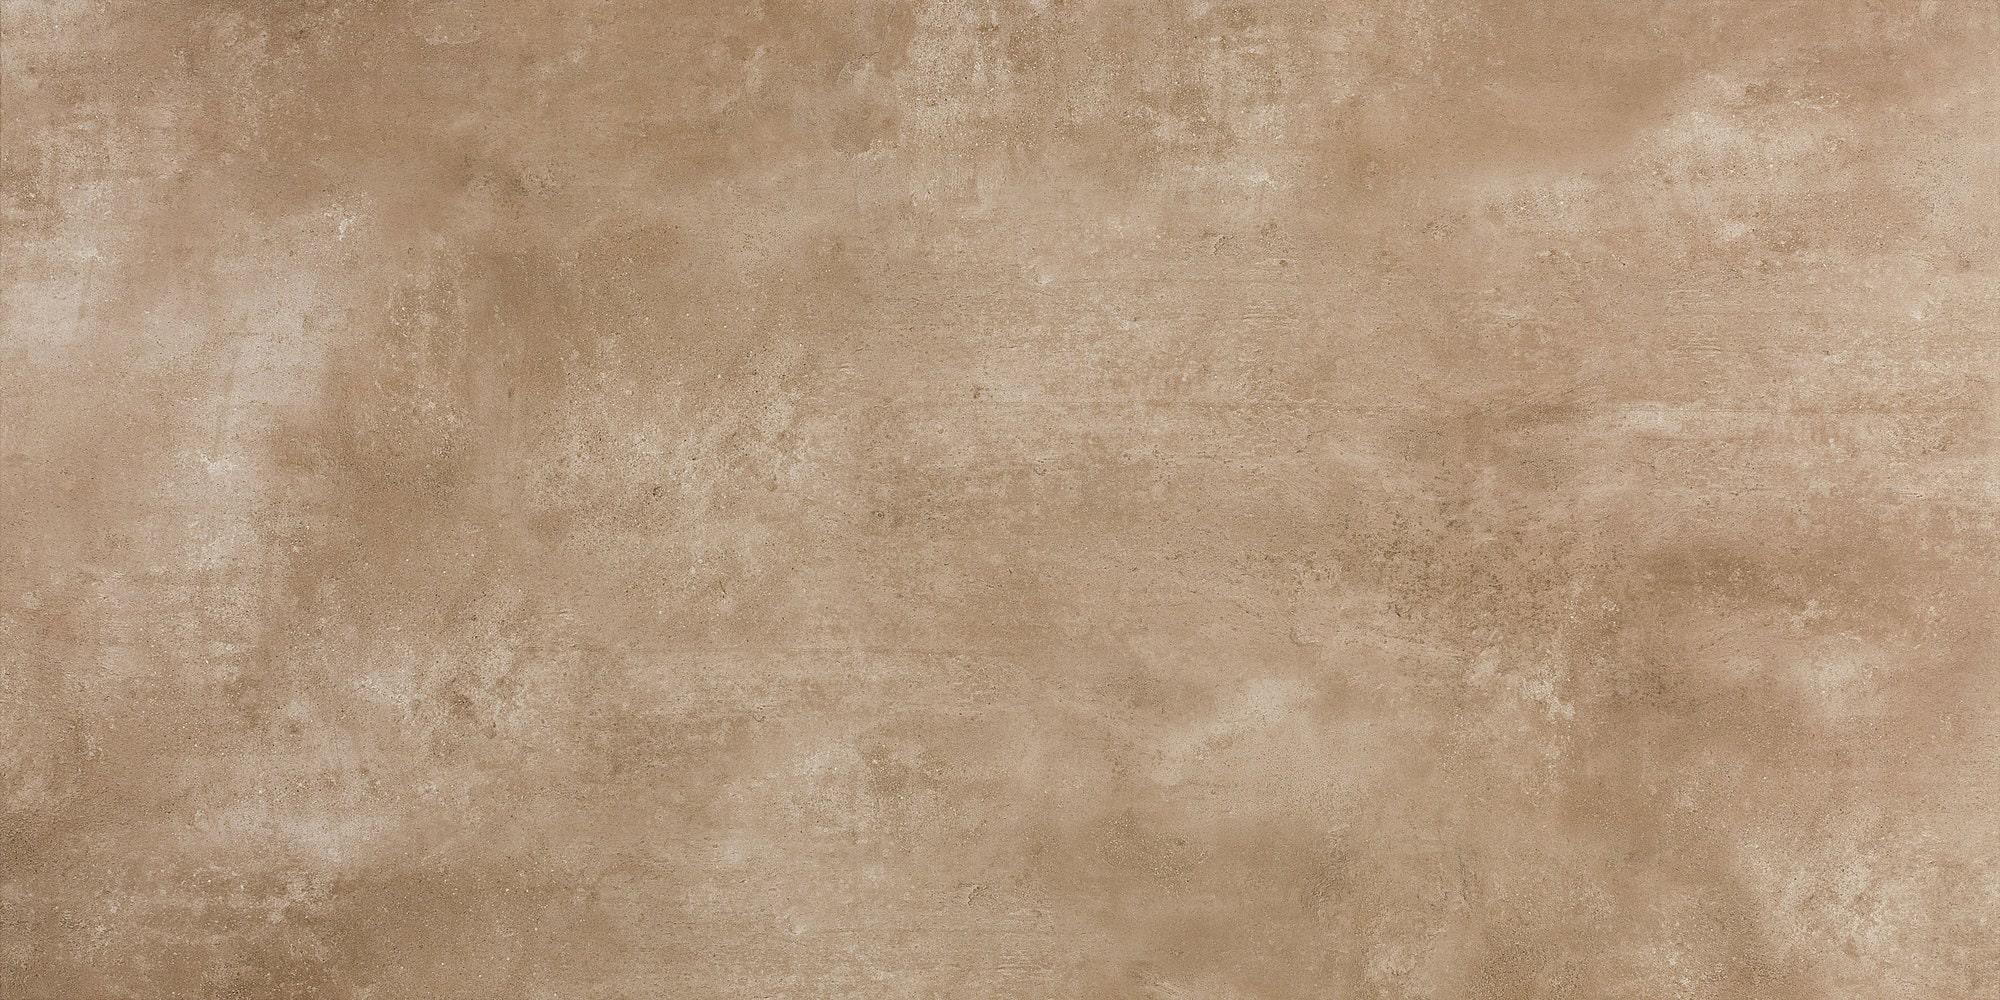 Płytka podłogowa Tubądzin EPOXY BROWN 1 POL 239,8x119,8 cm